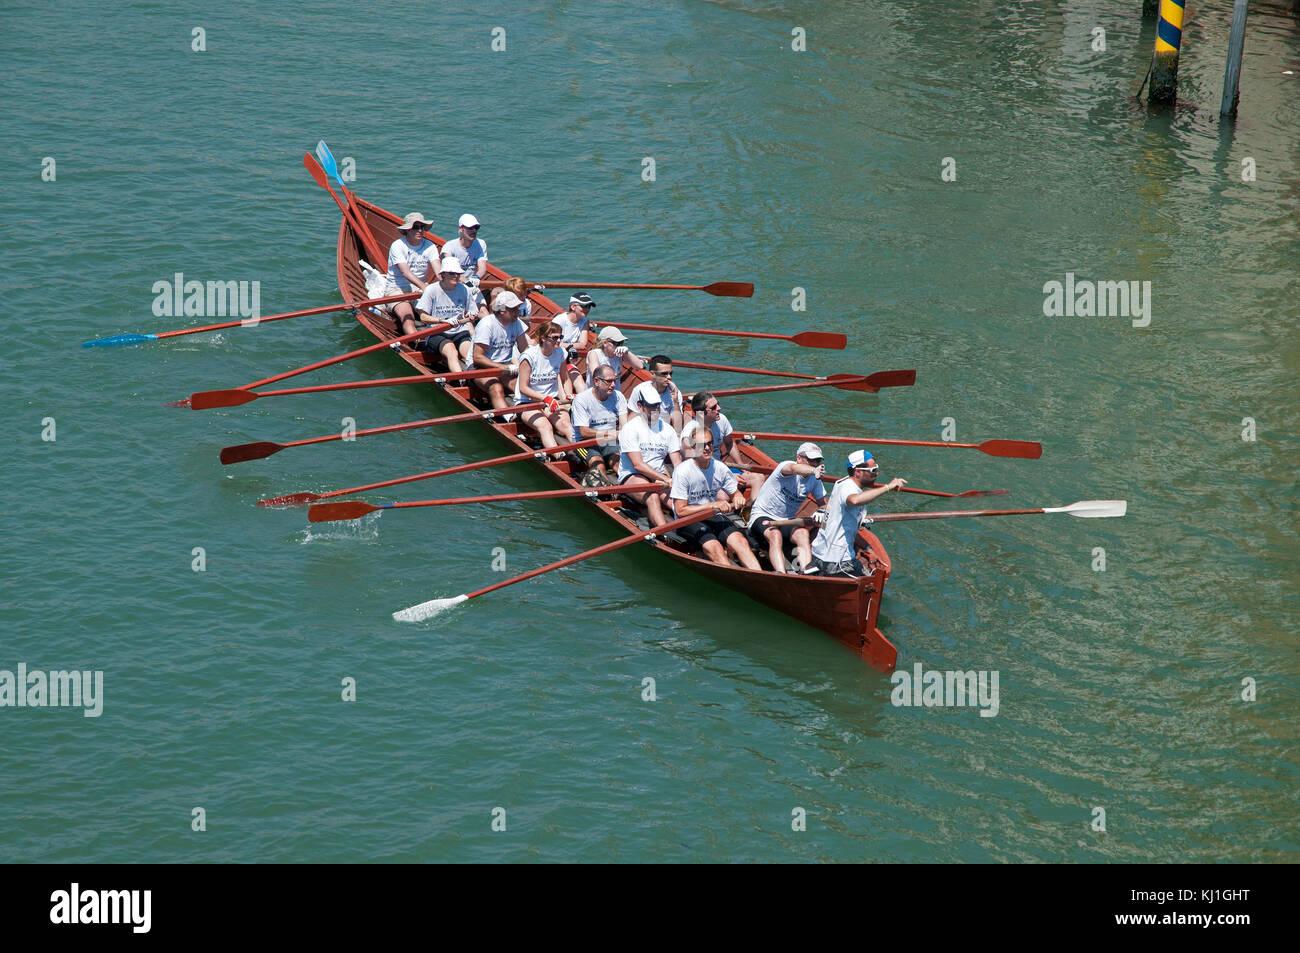 Bateau A Rames Prenant Part A La Volga Lunga Festival D Aviron A Venise Italie Vu Depuis Le Pont De L Accademia Sur Le Grand Canal Photo Stock Alamy